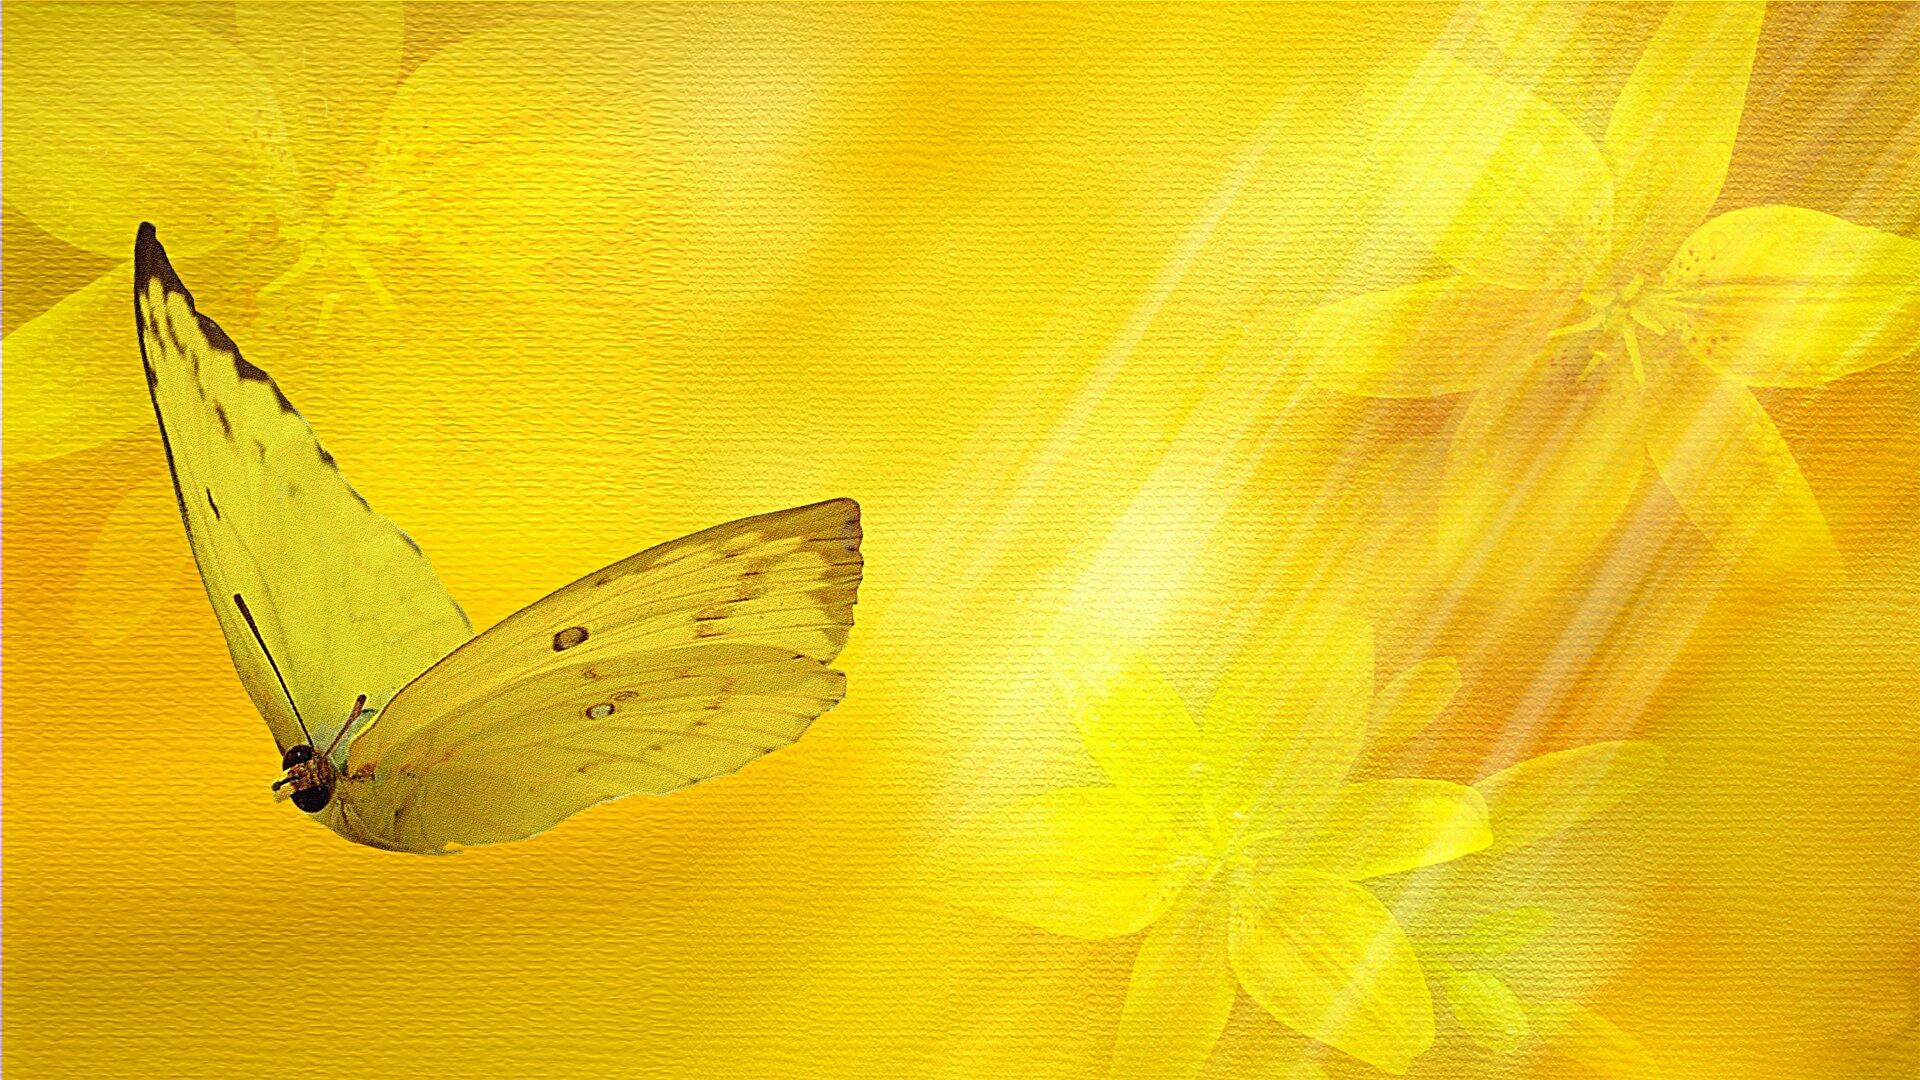 Обои на рабочий стол желтые бабочки